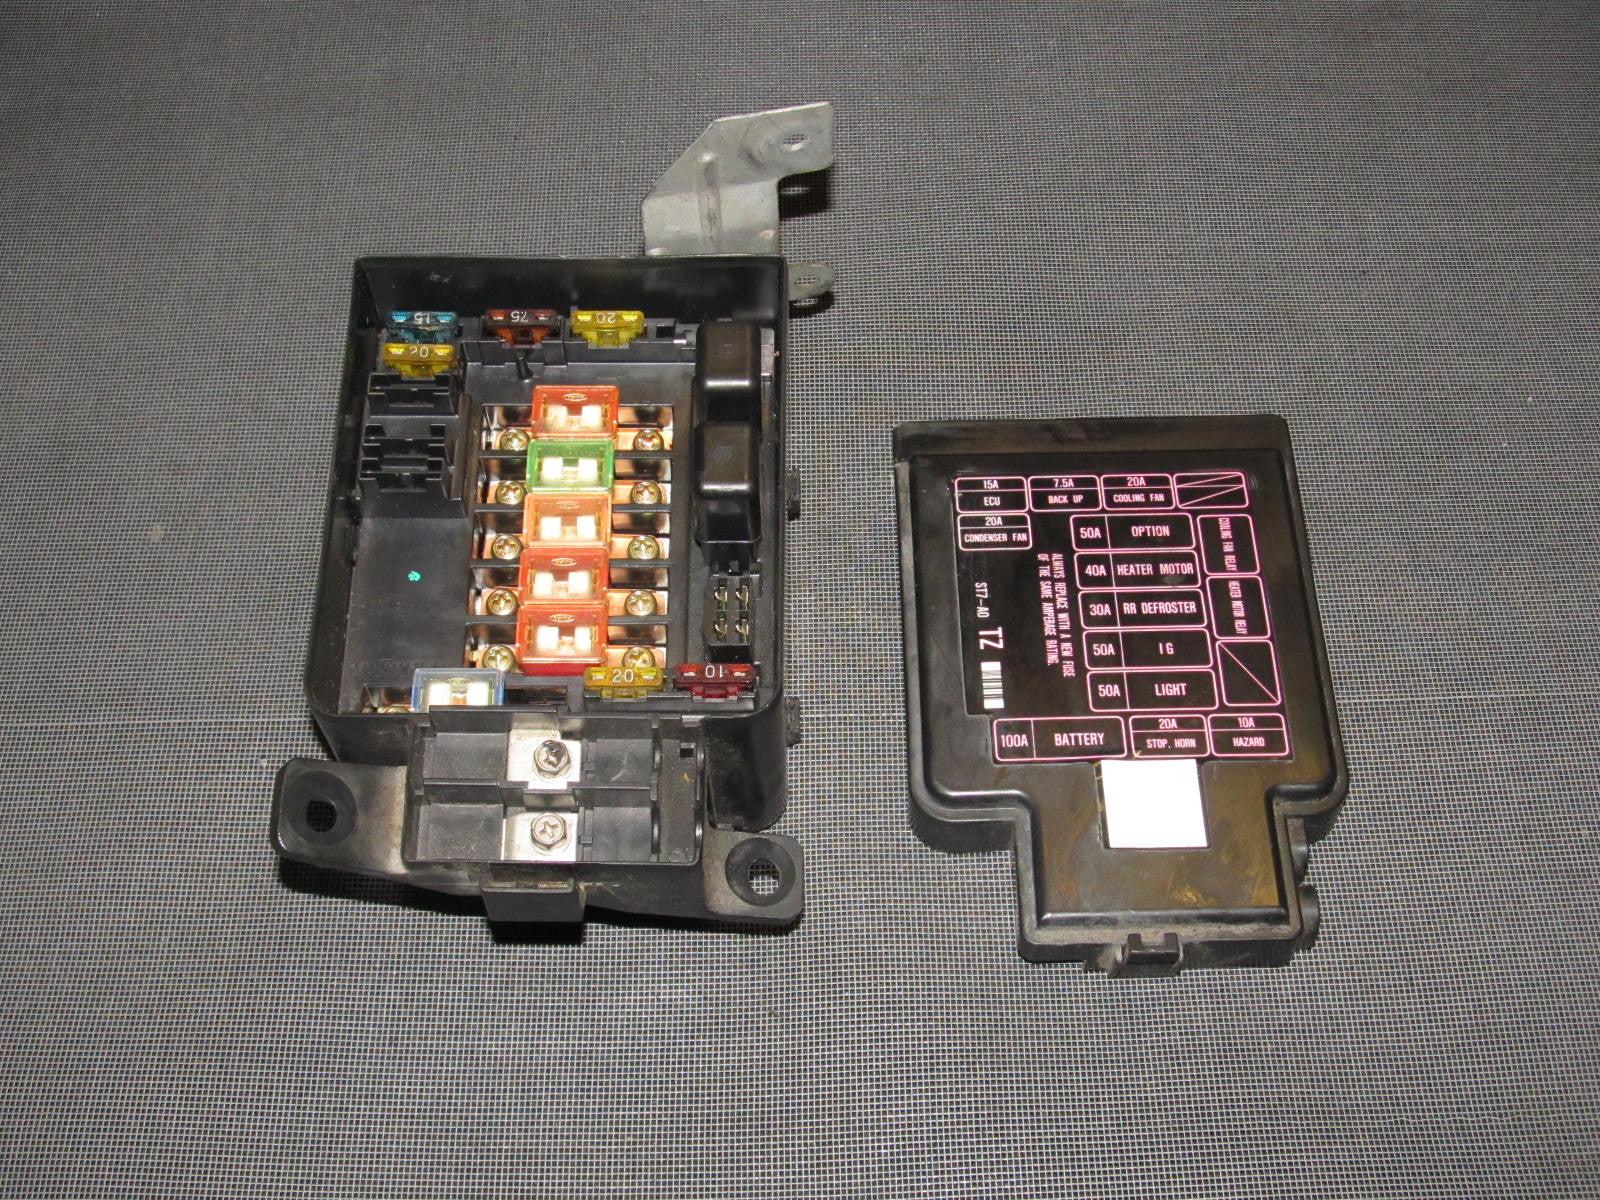 94 95 96 97 98 99 00 01 acura integra oem engine fuse box  [ 1600 x 1200 Pixel ]